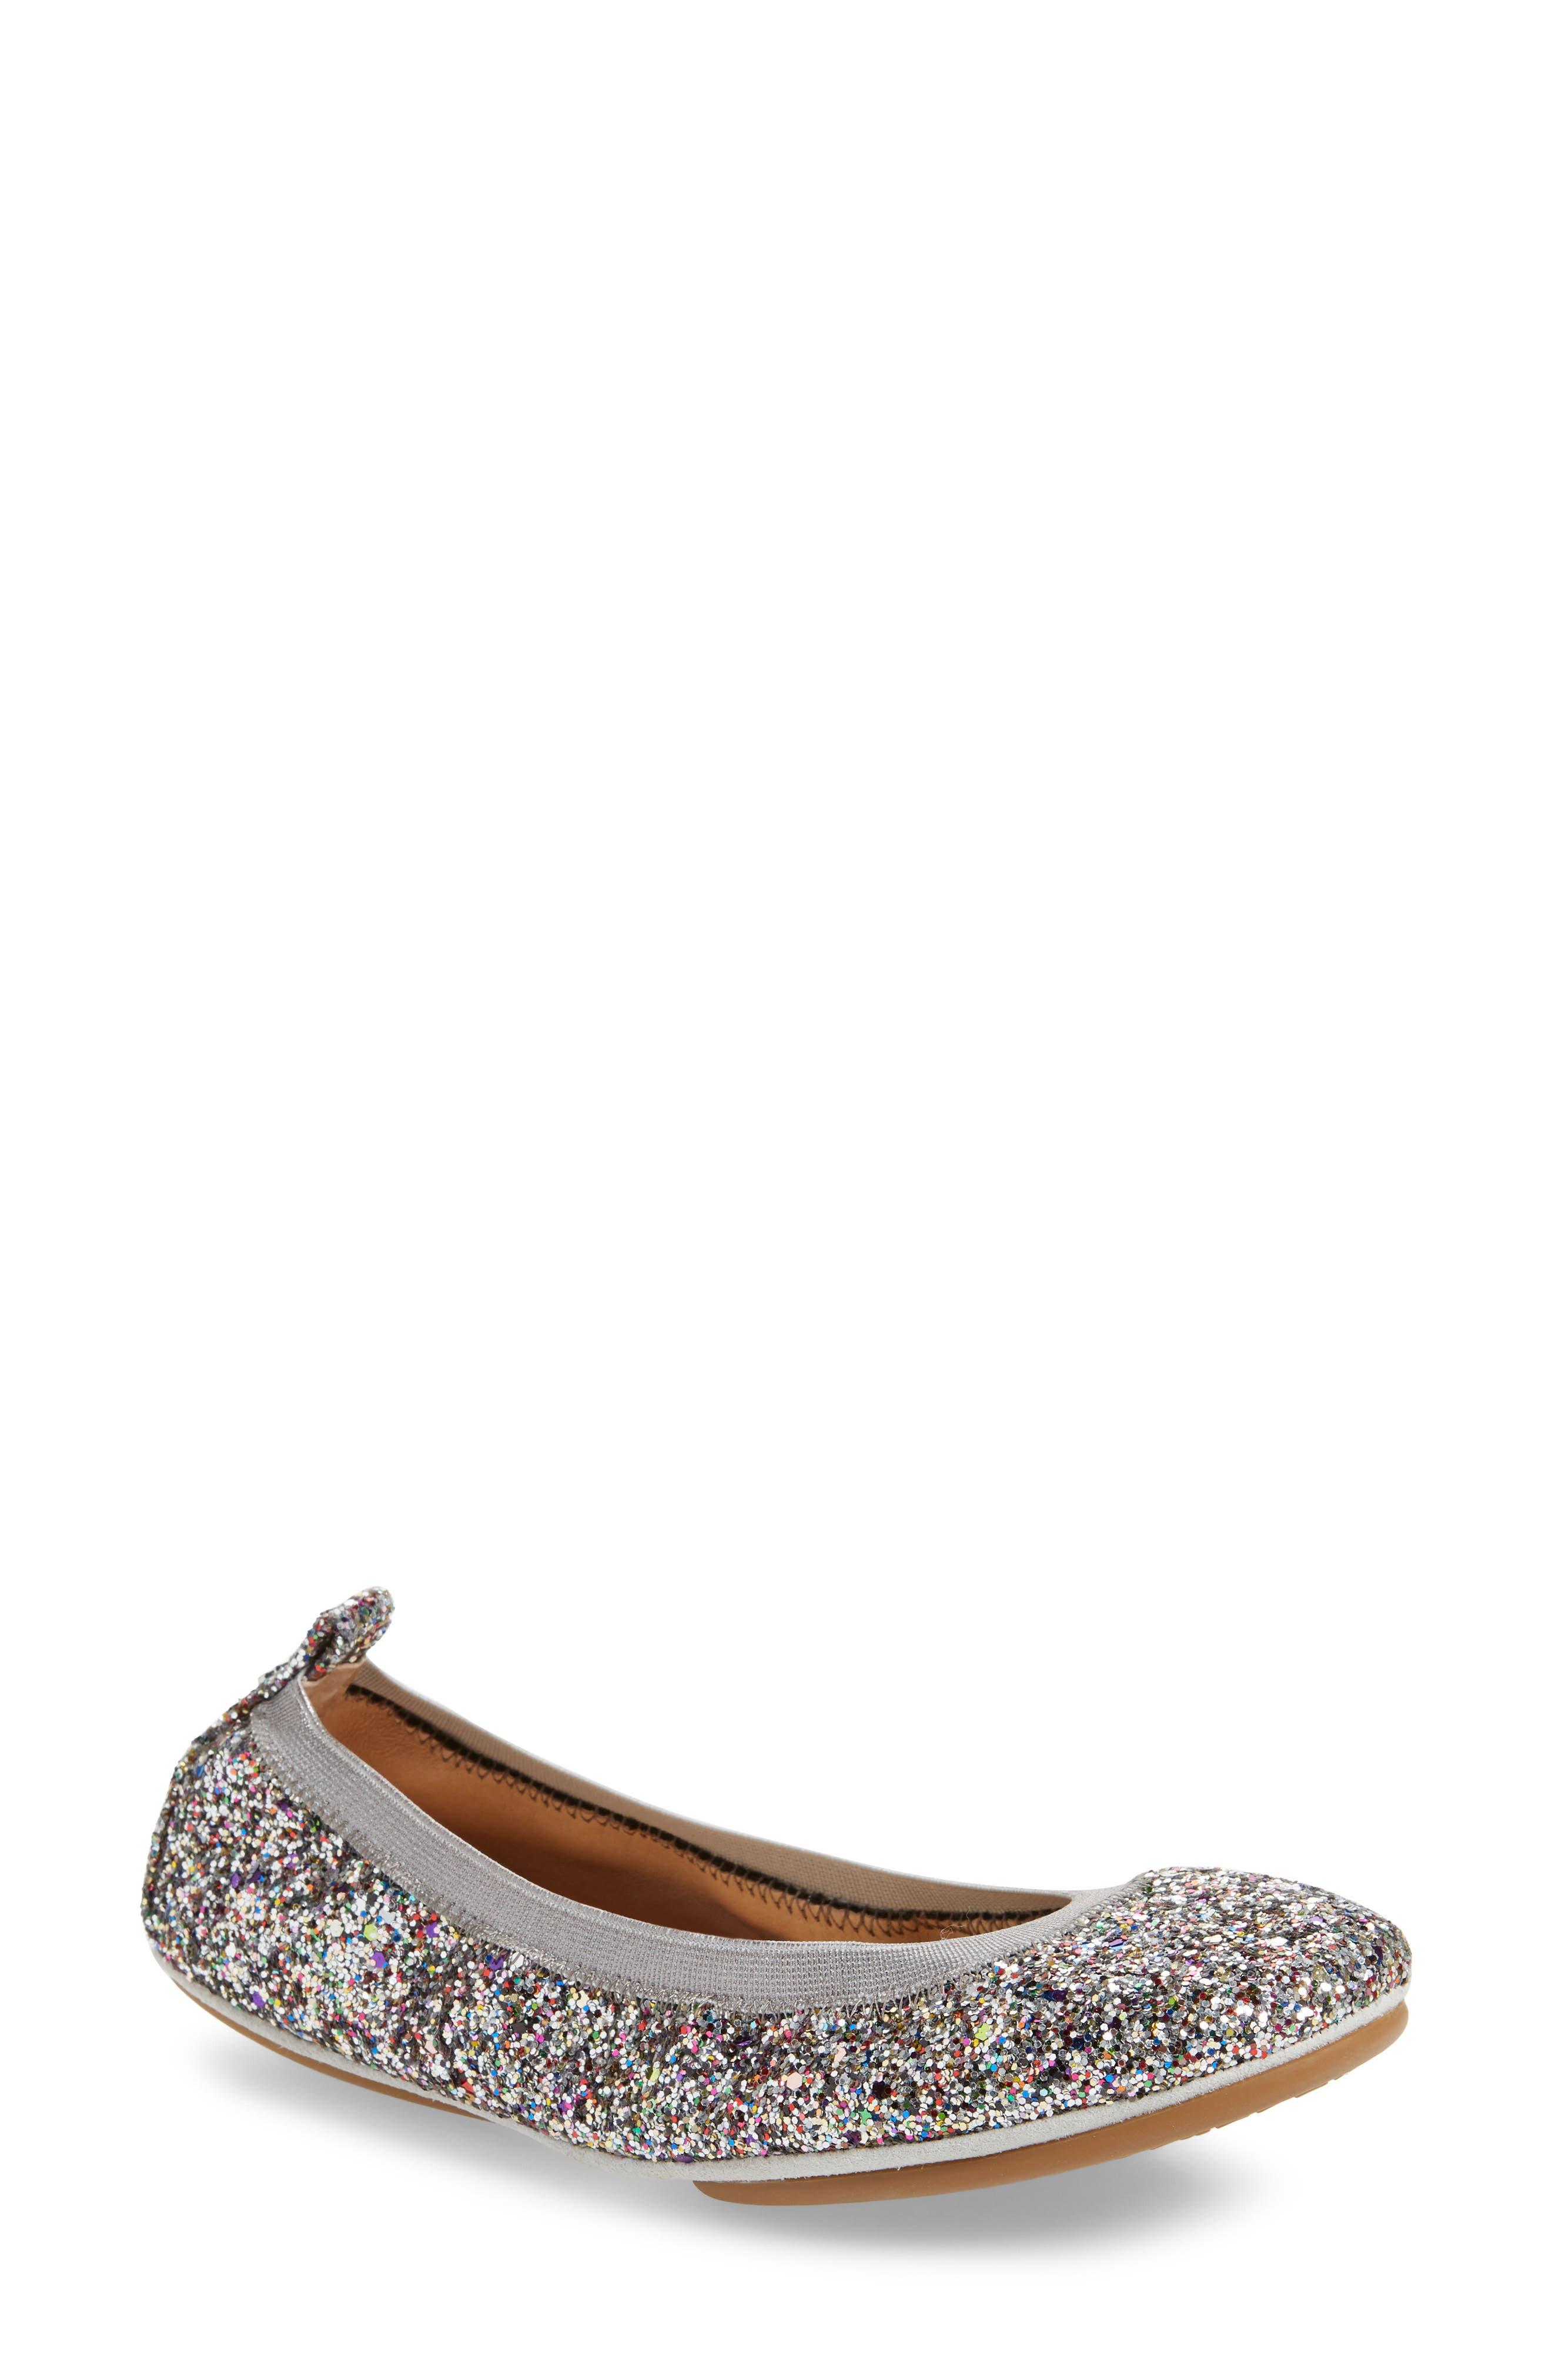 YOSI SAMRA Samara Foldable Ballet Flat in Silver Rainbow Glitter